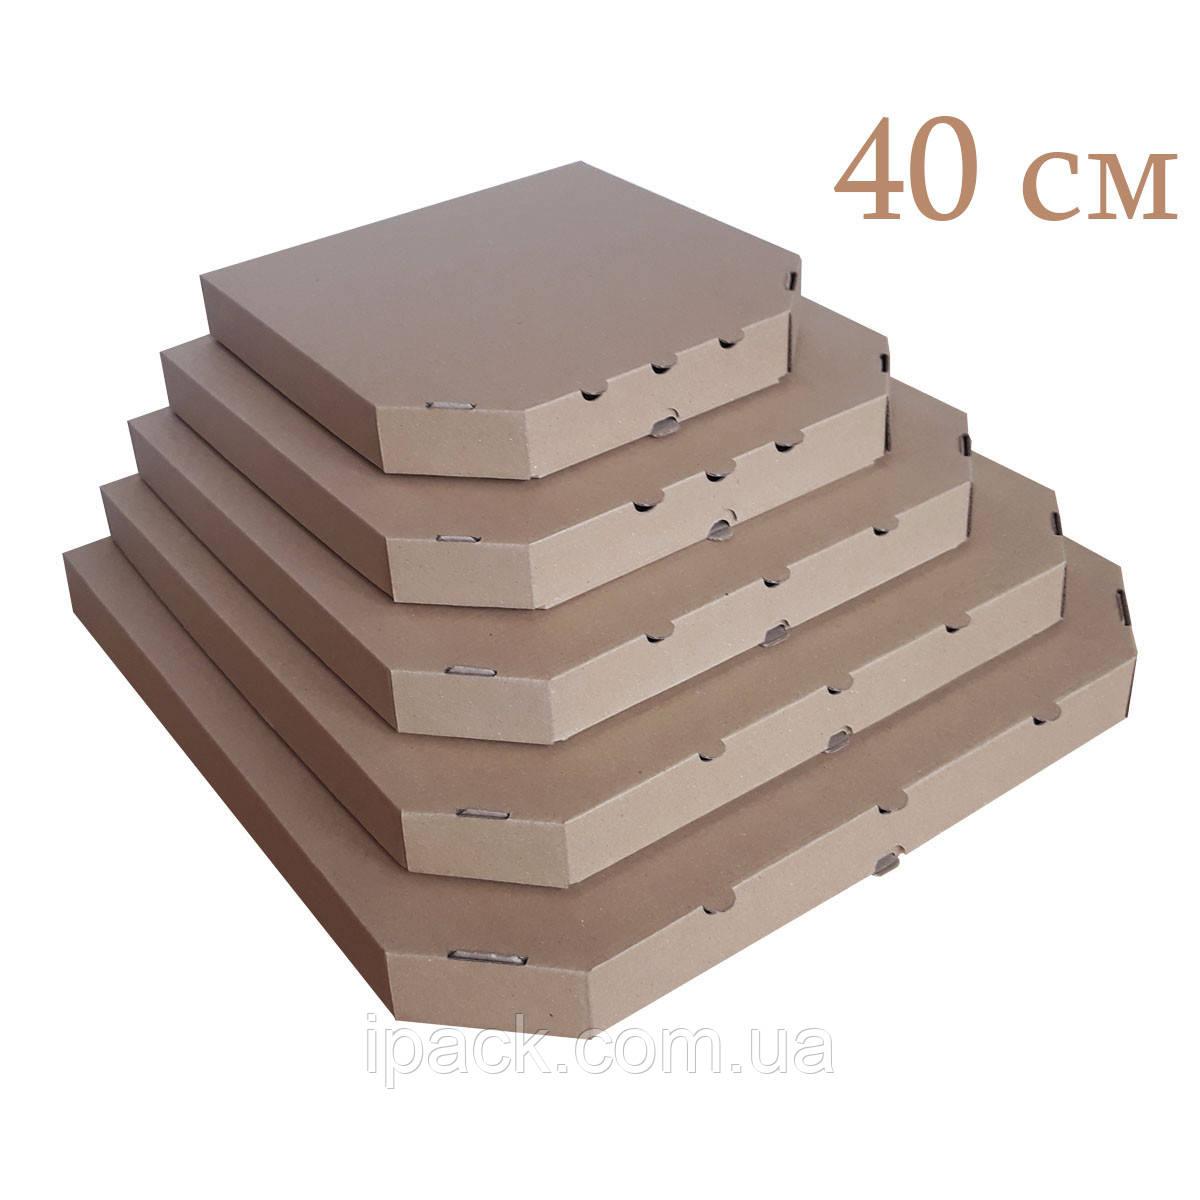 Коробка для пиццы, 40 см бурая, 400*400*40, мм